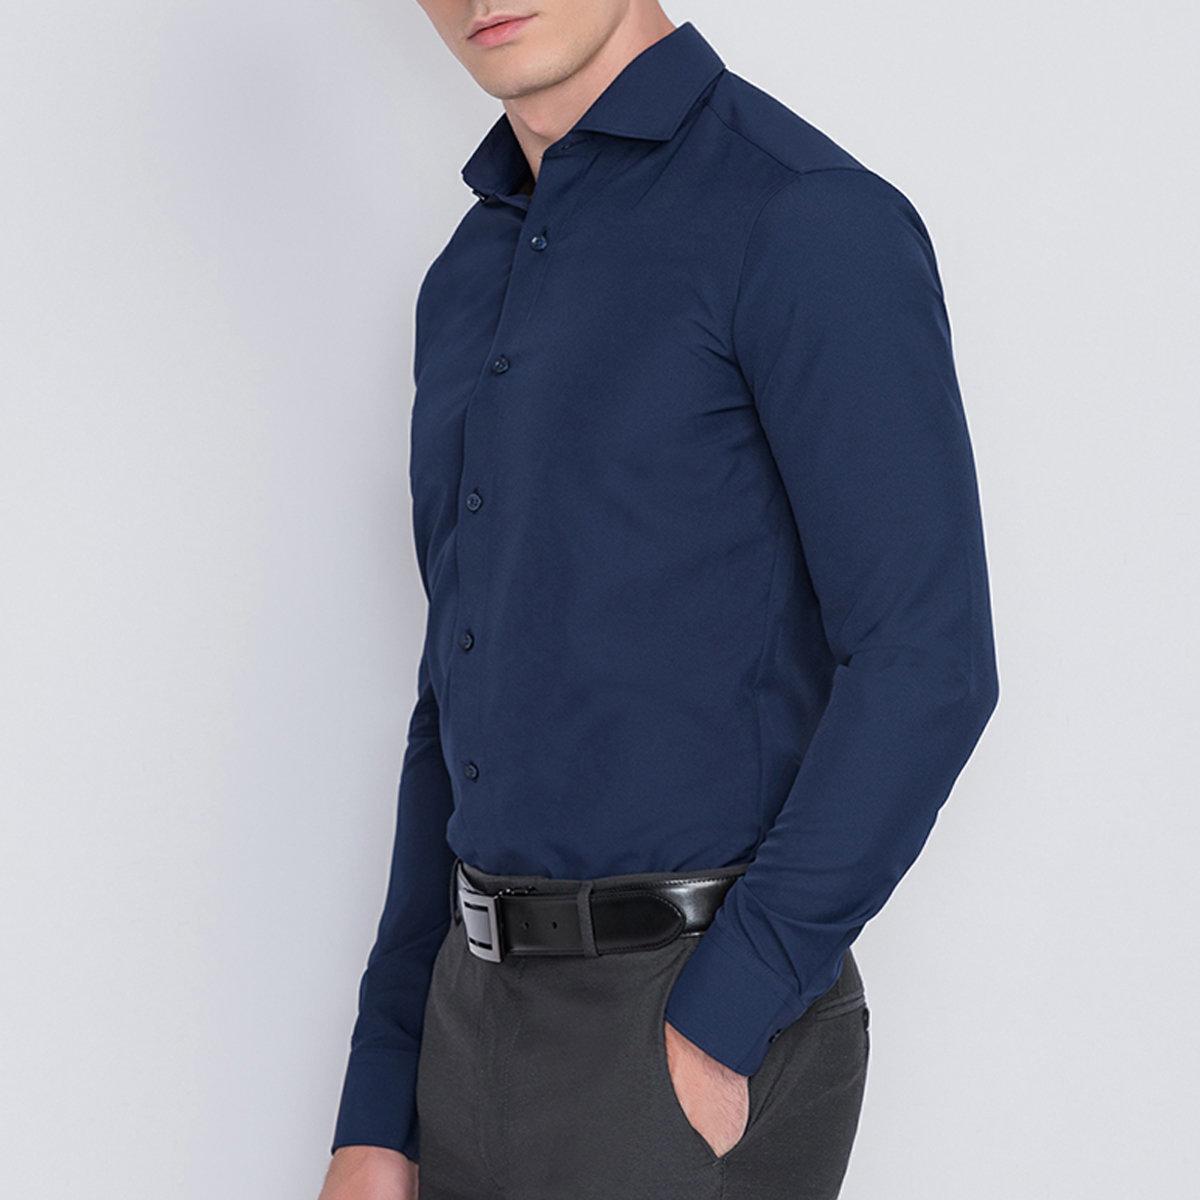 【Anti-bacterial】Men's Quick Dry Shirt (Peacoat)